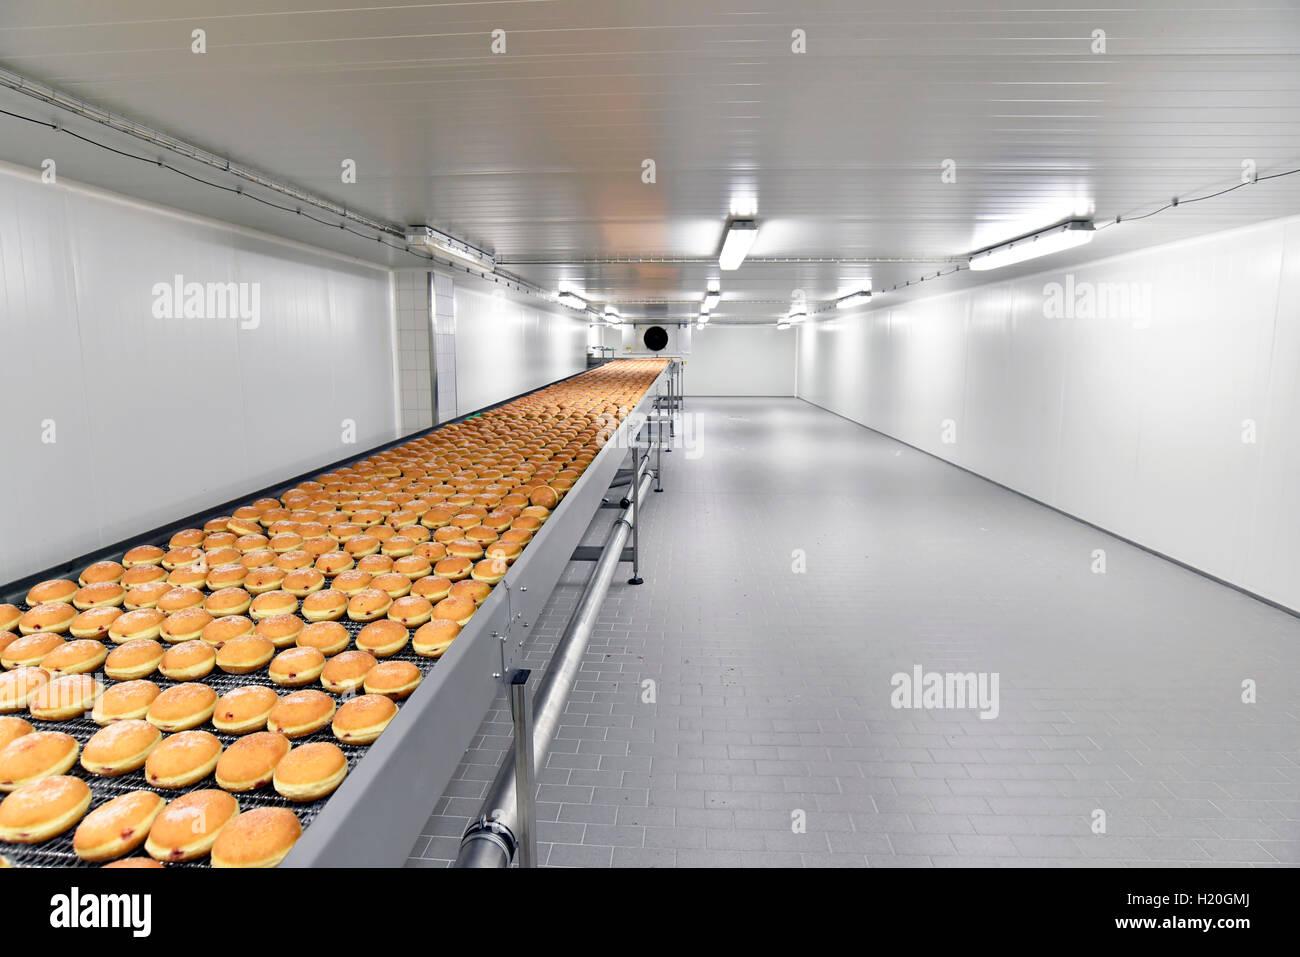 Produktionslinie in einer Auflaufform Fabrik mit Berliner Stockbild